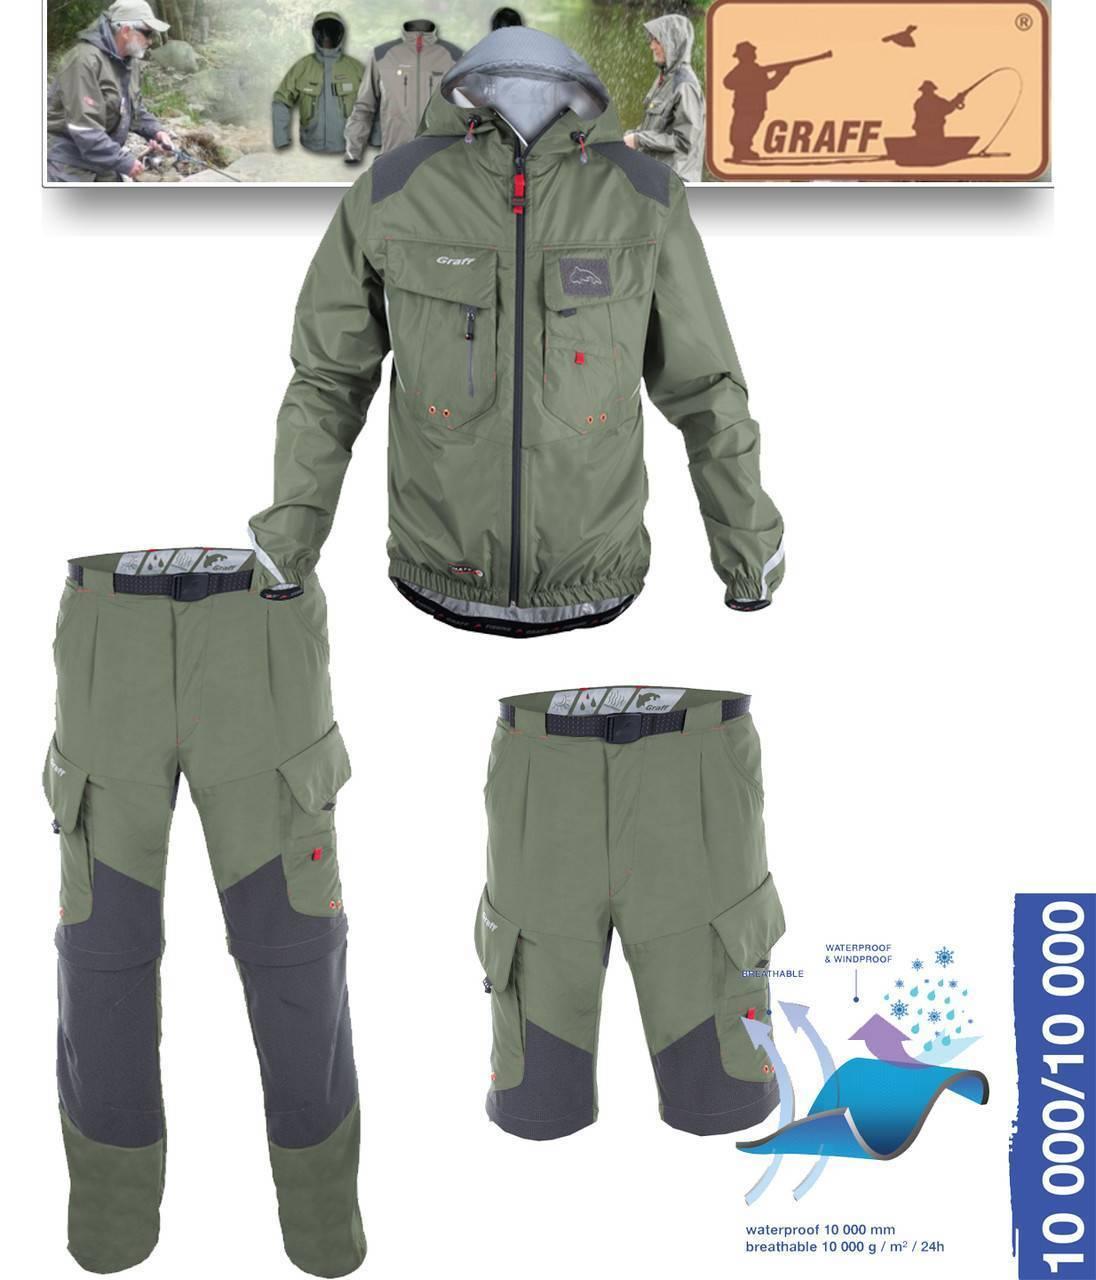 Все об одежде для рыбалки graff